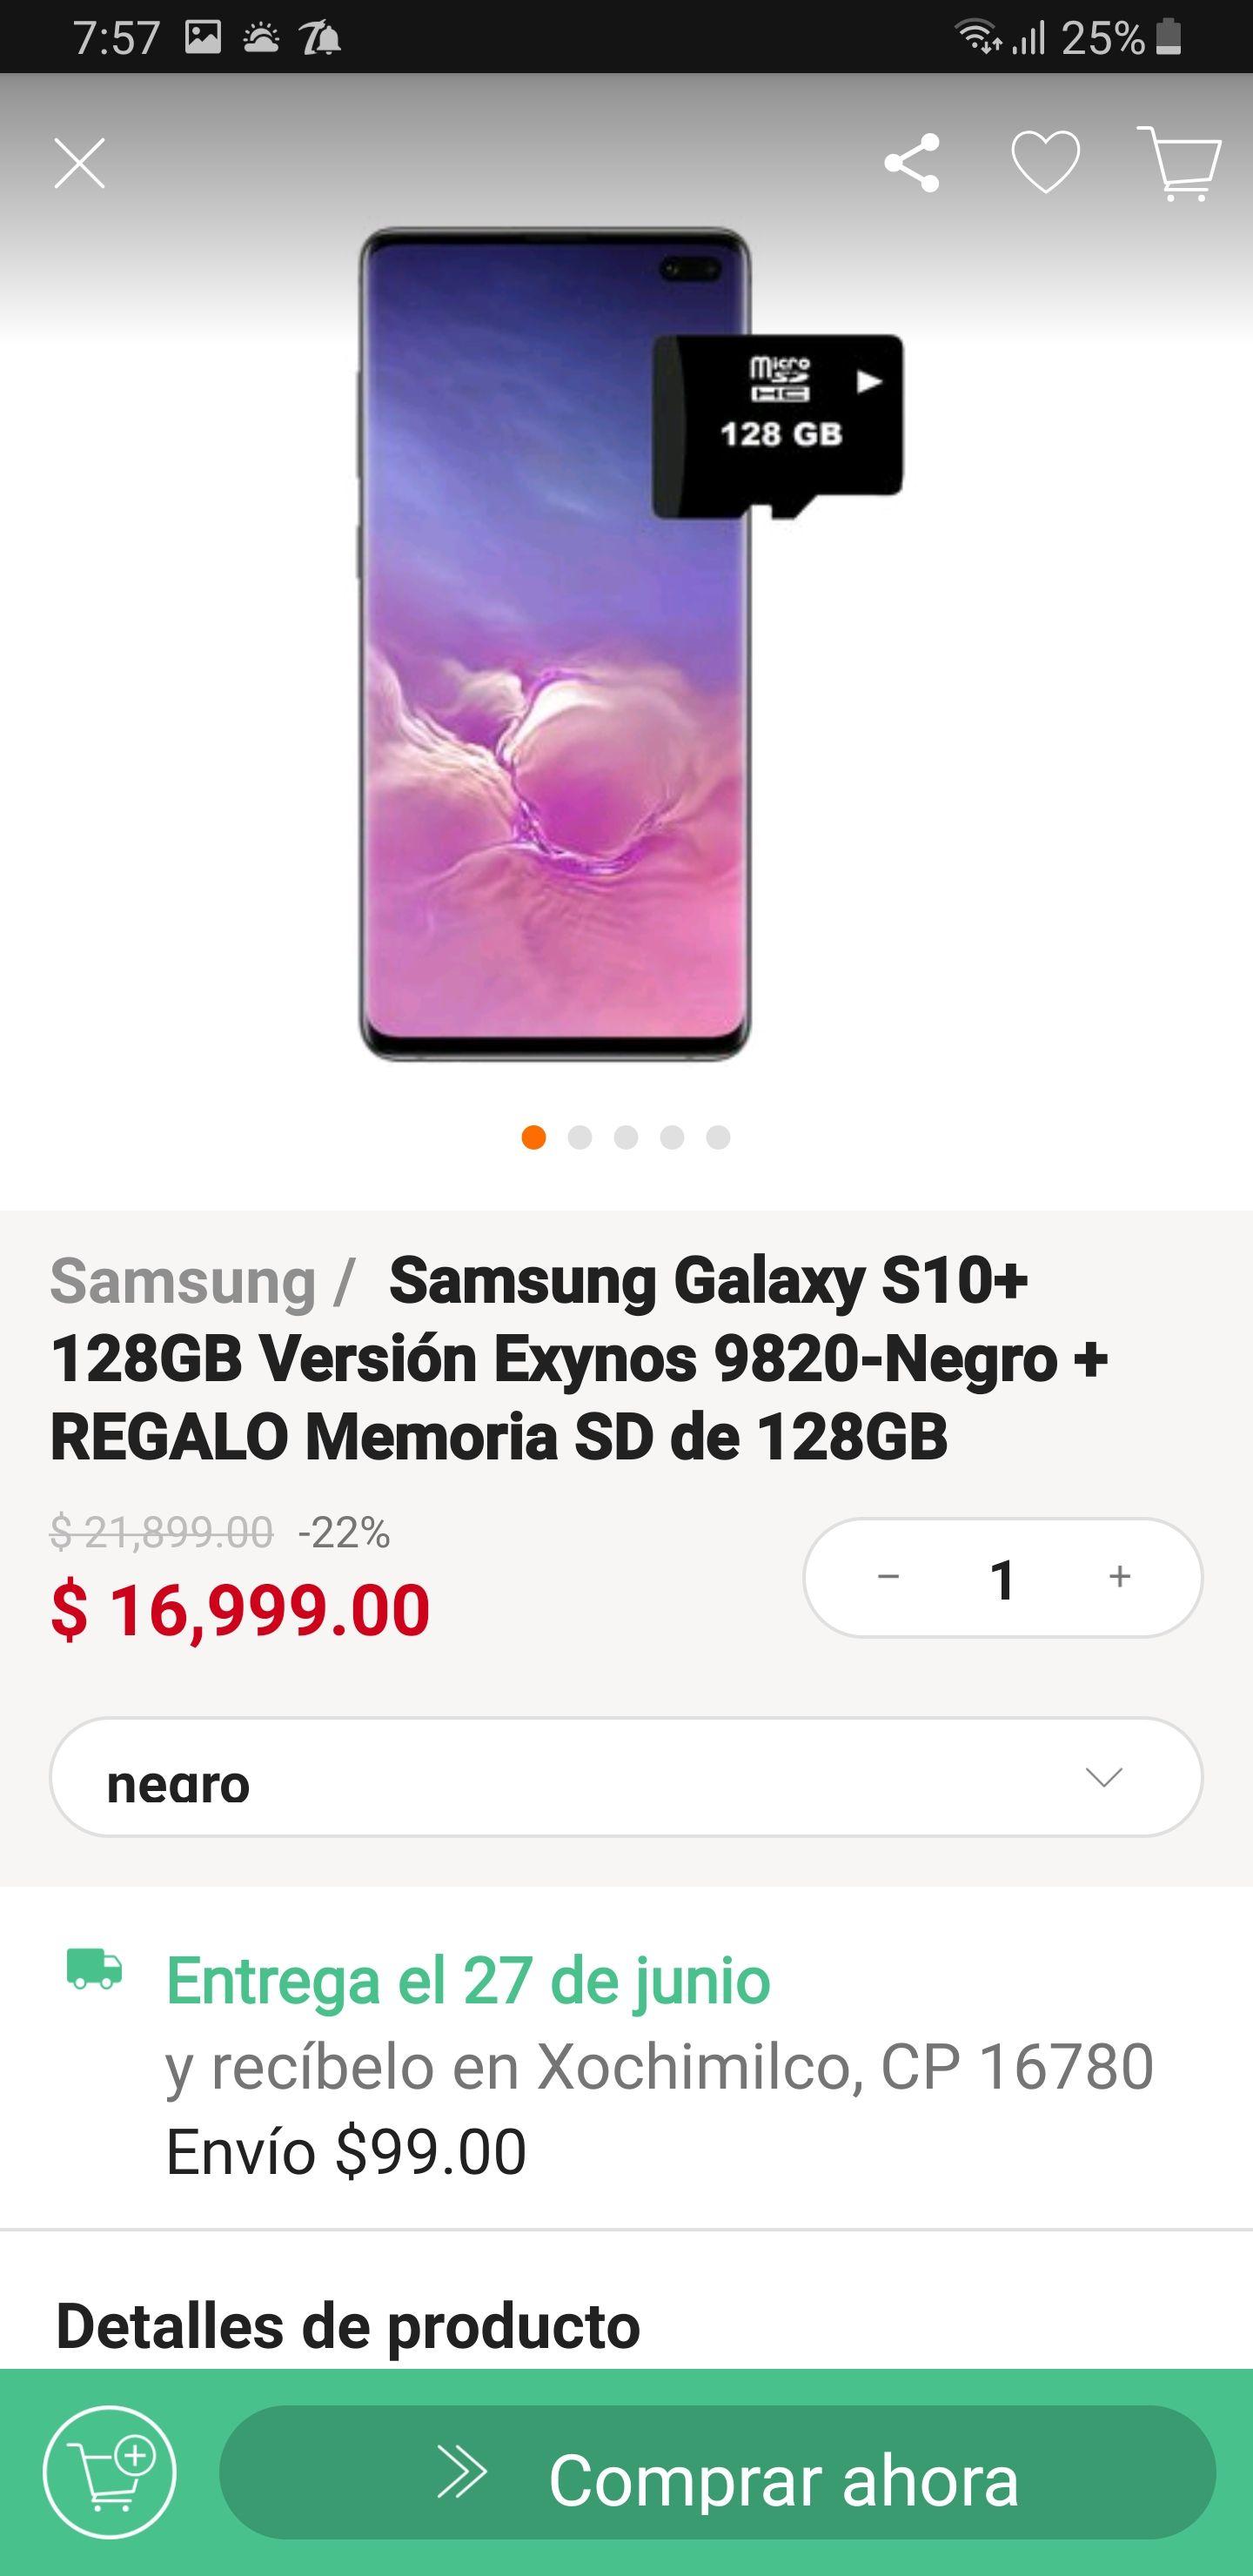 Linio: SamsungGalaxy S10+ 128gb +Memoria de regalo 128gb